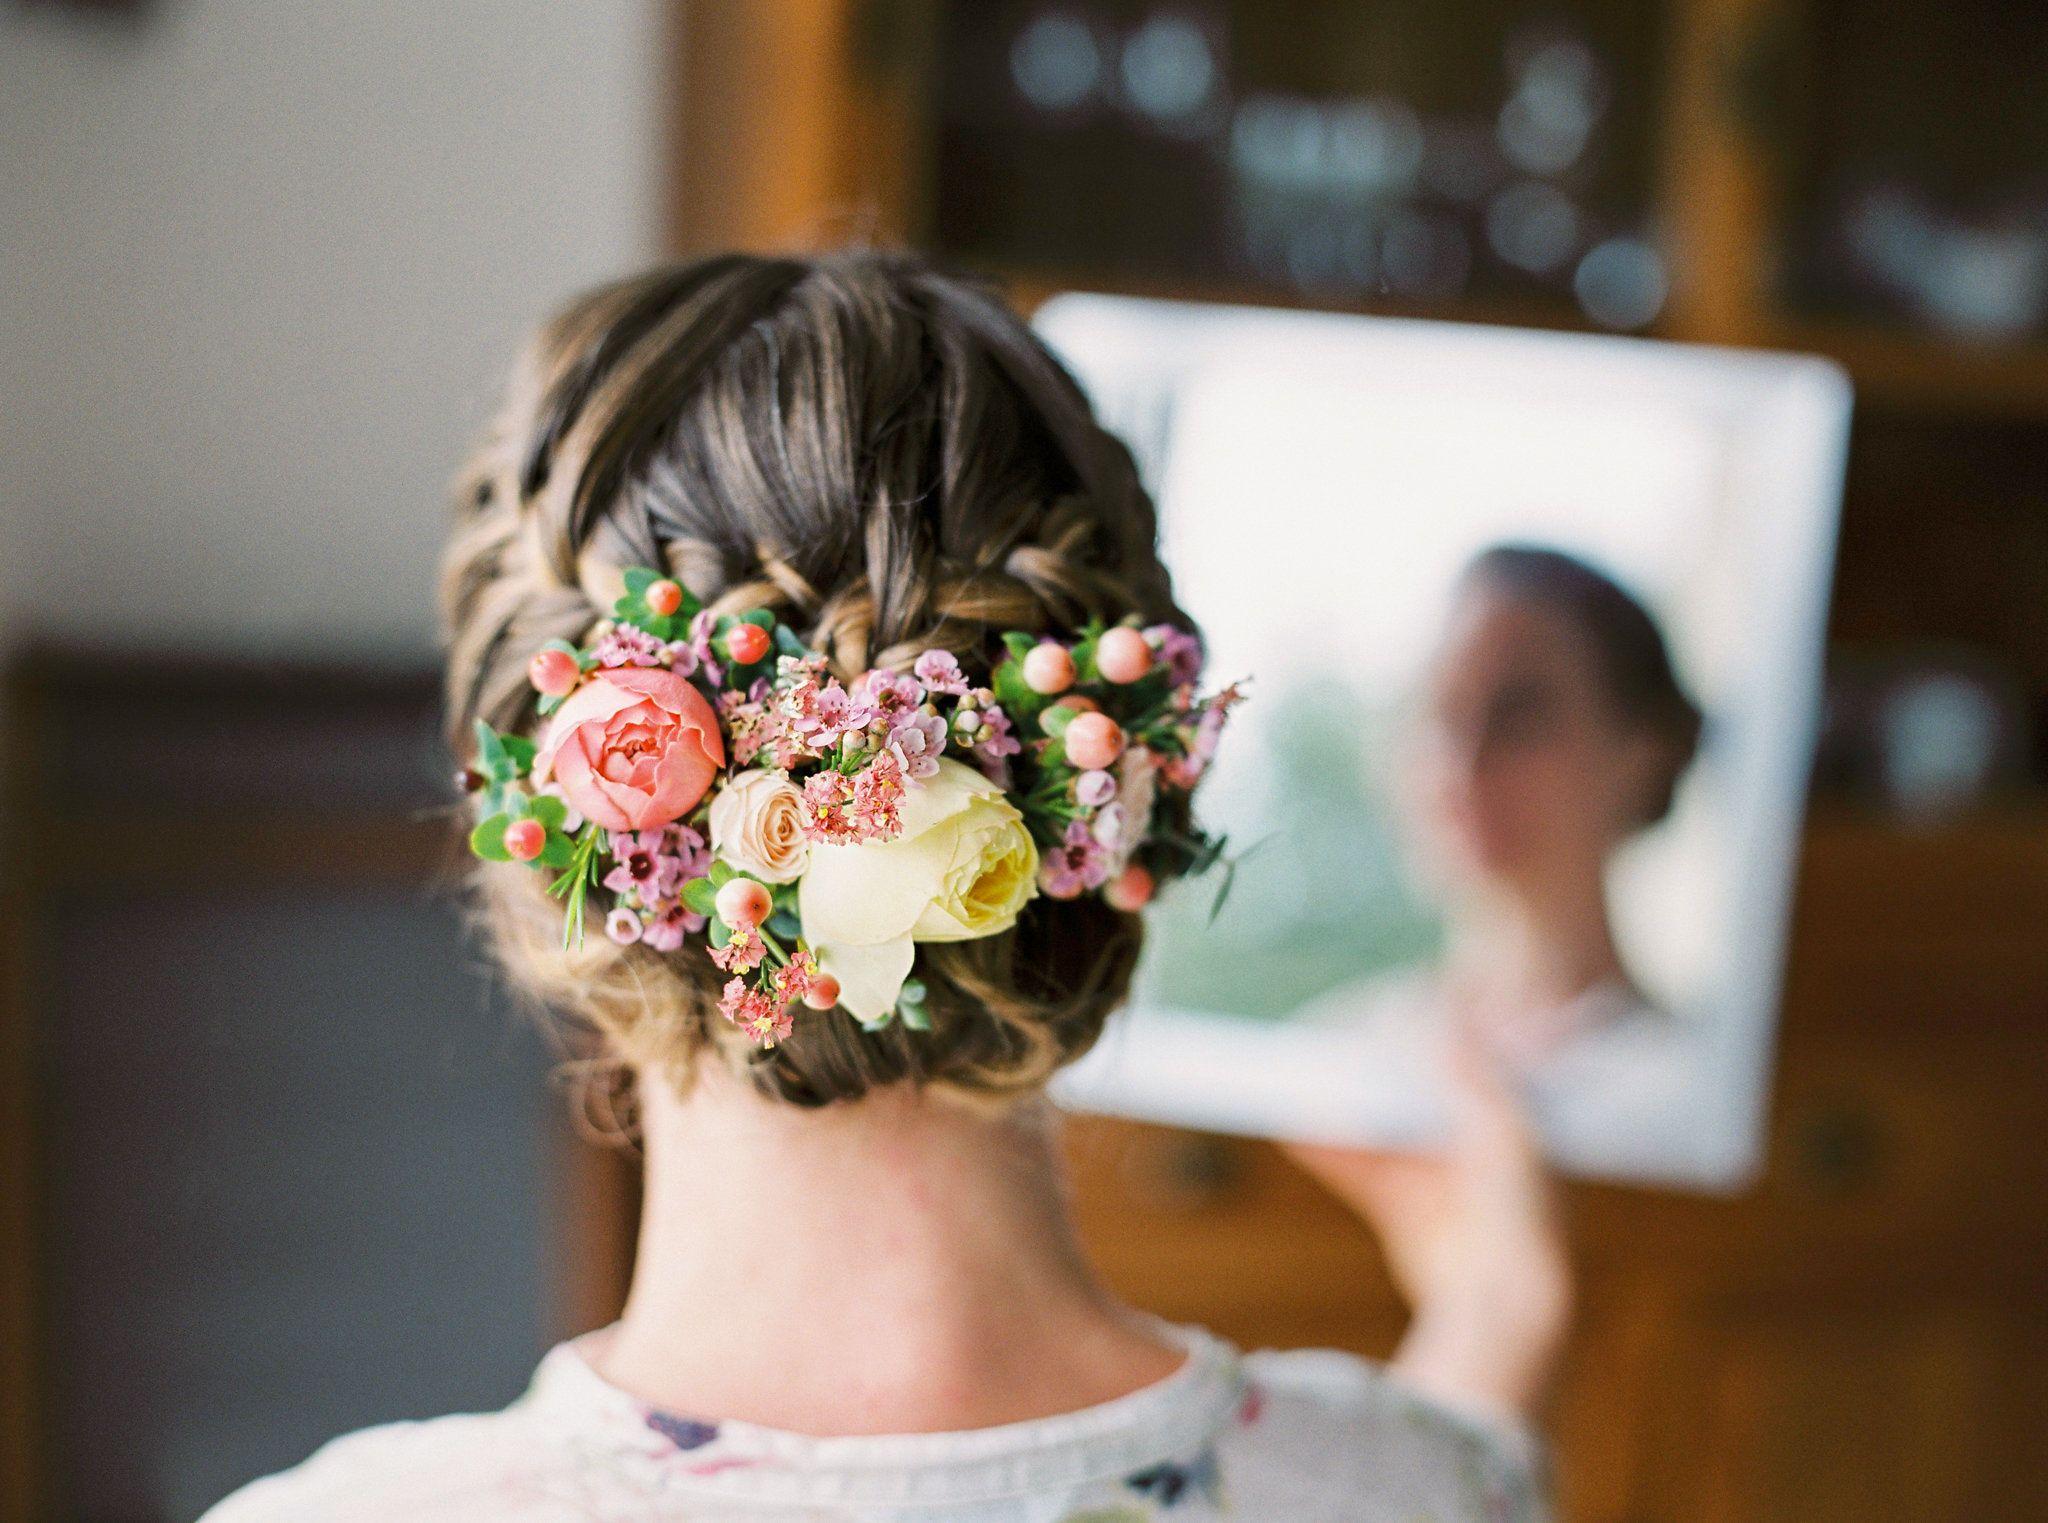 Chignon Bas Mariage Avec Fleurs Credit Photo Ossaphoto Chignon Bas Mariage Coiffure Mariage Chignon